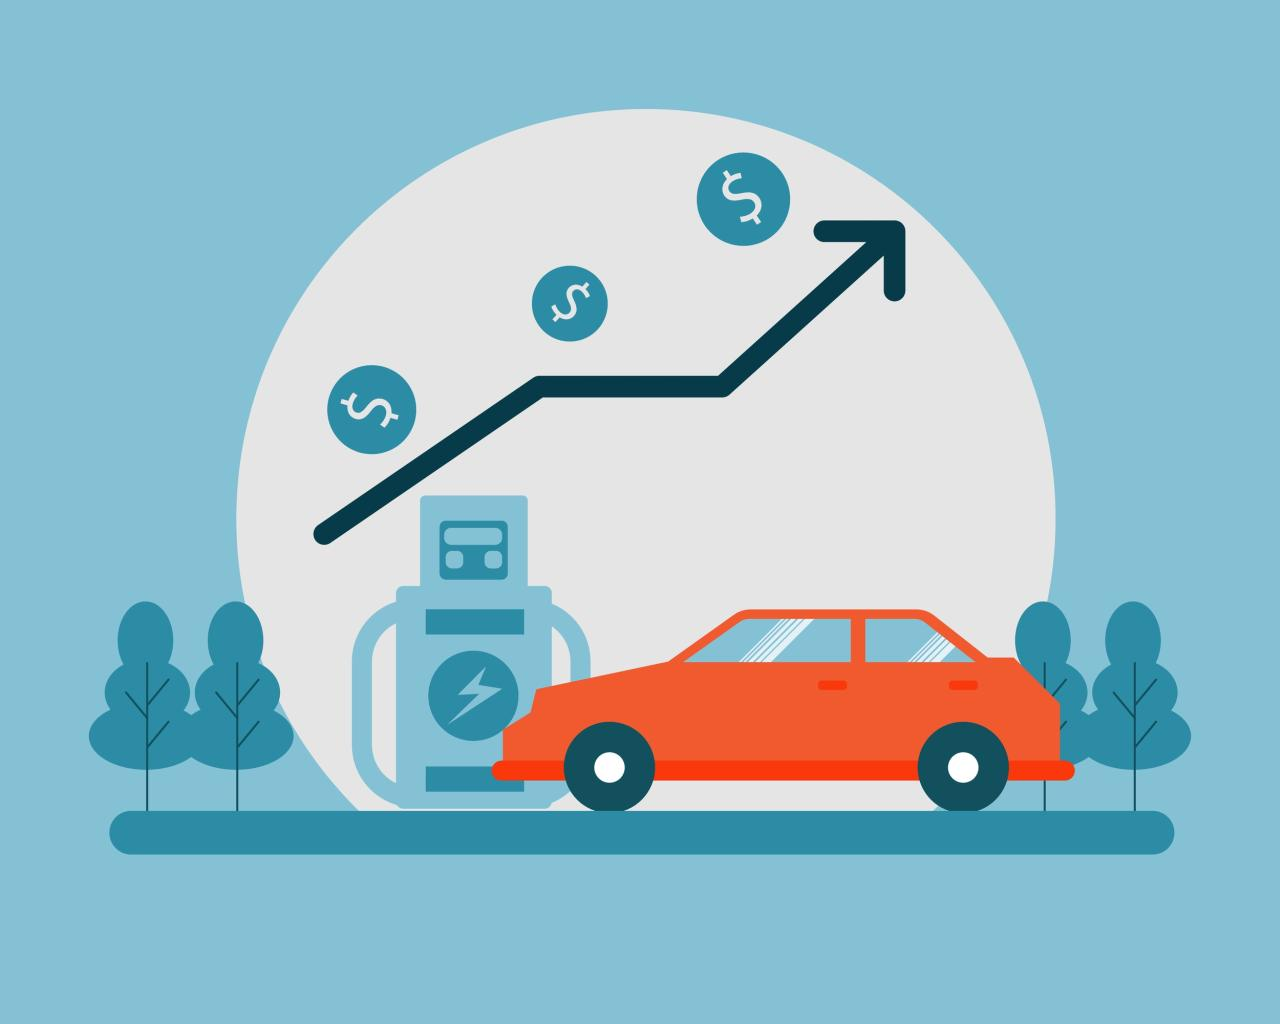 In China sinken die E-Auto Preise; in Europa steigen sie - wo führt dies hin?